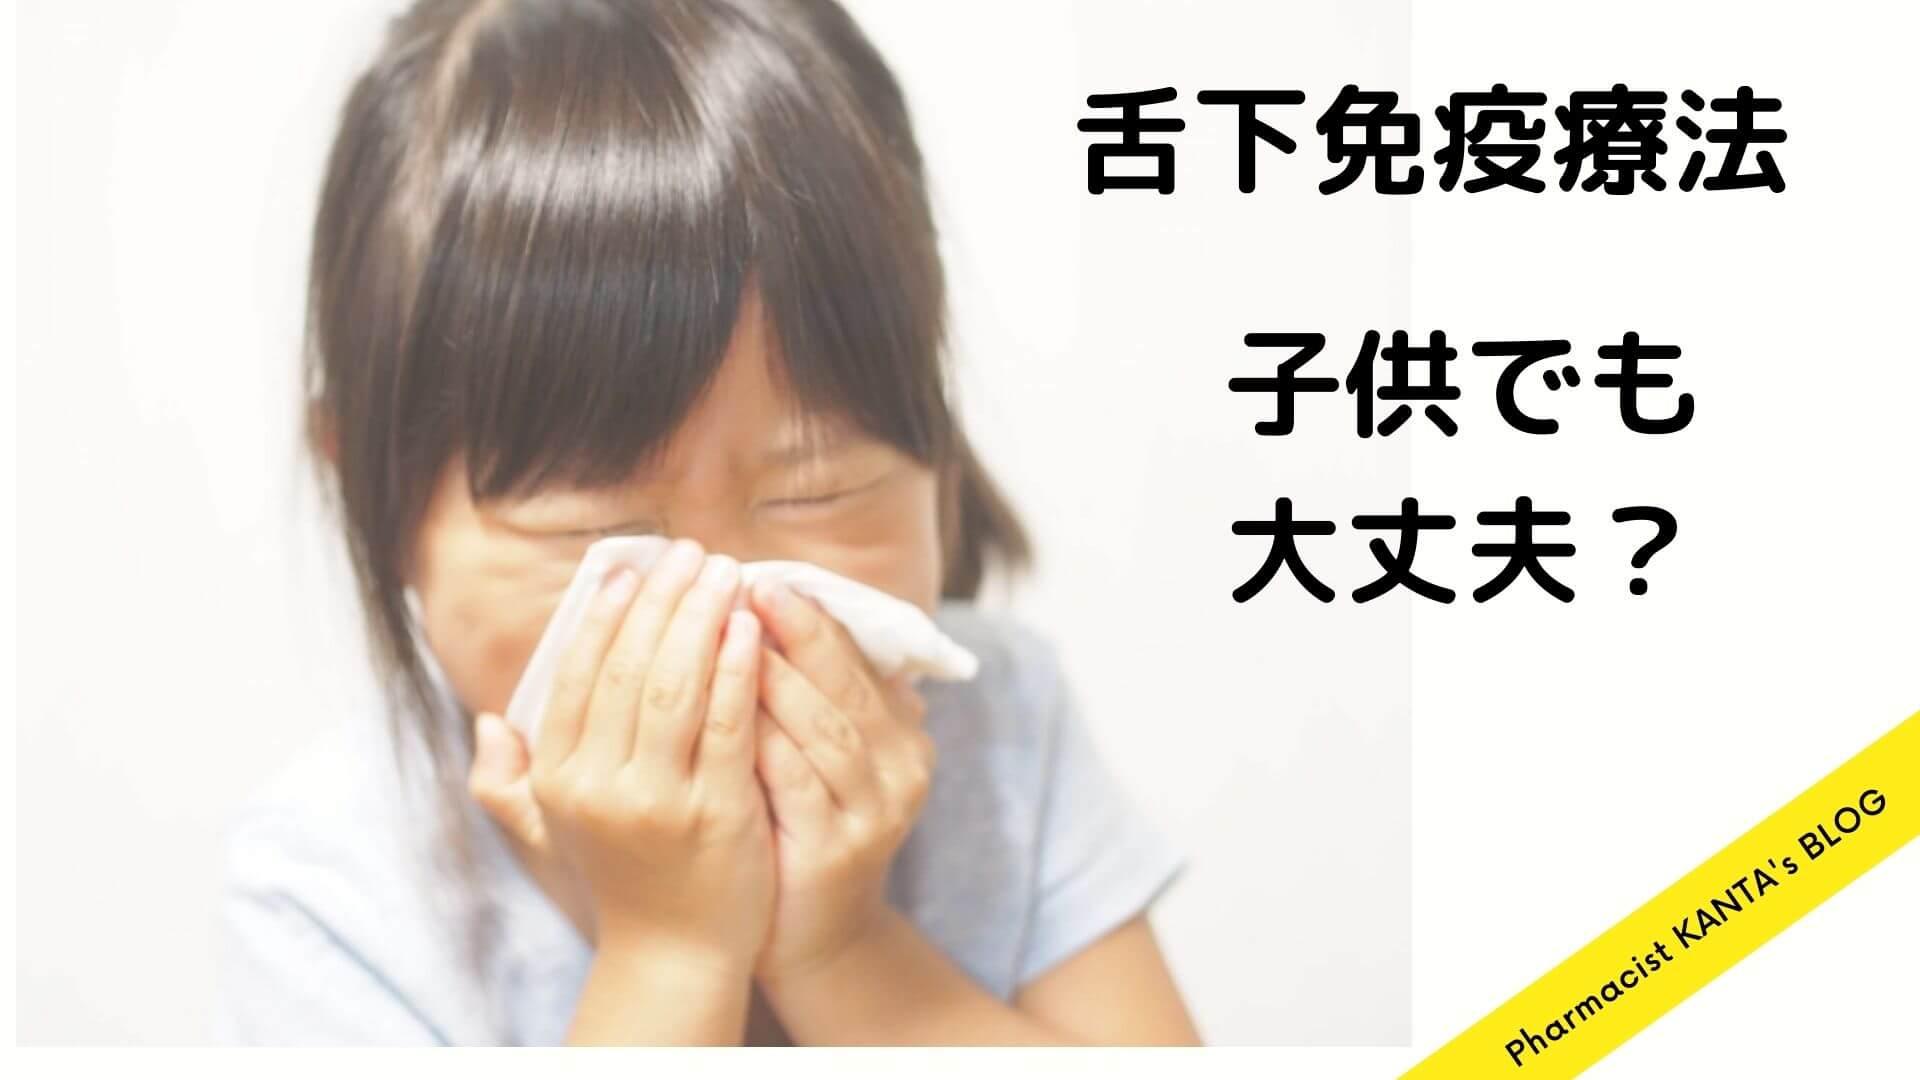 舌下免疫療法 子供の副作用は?